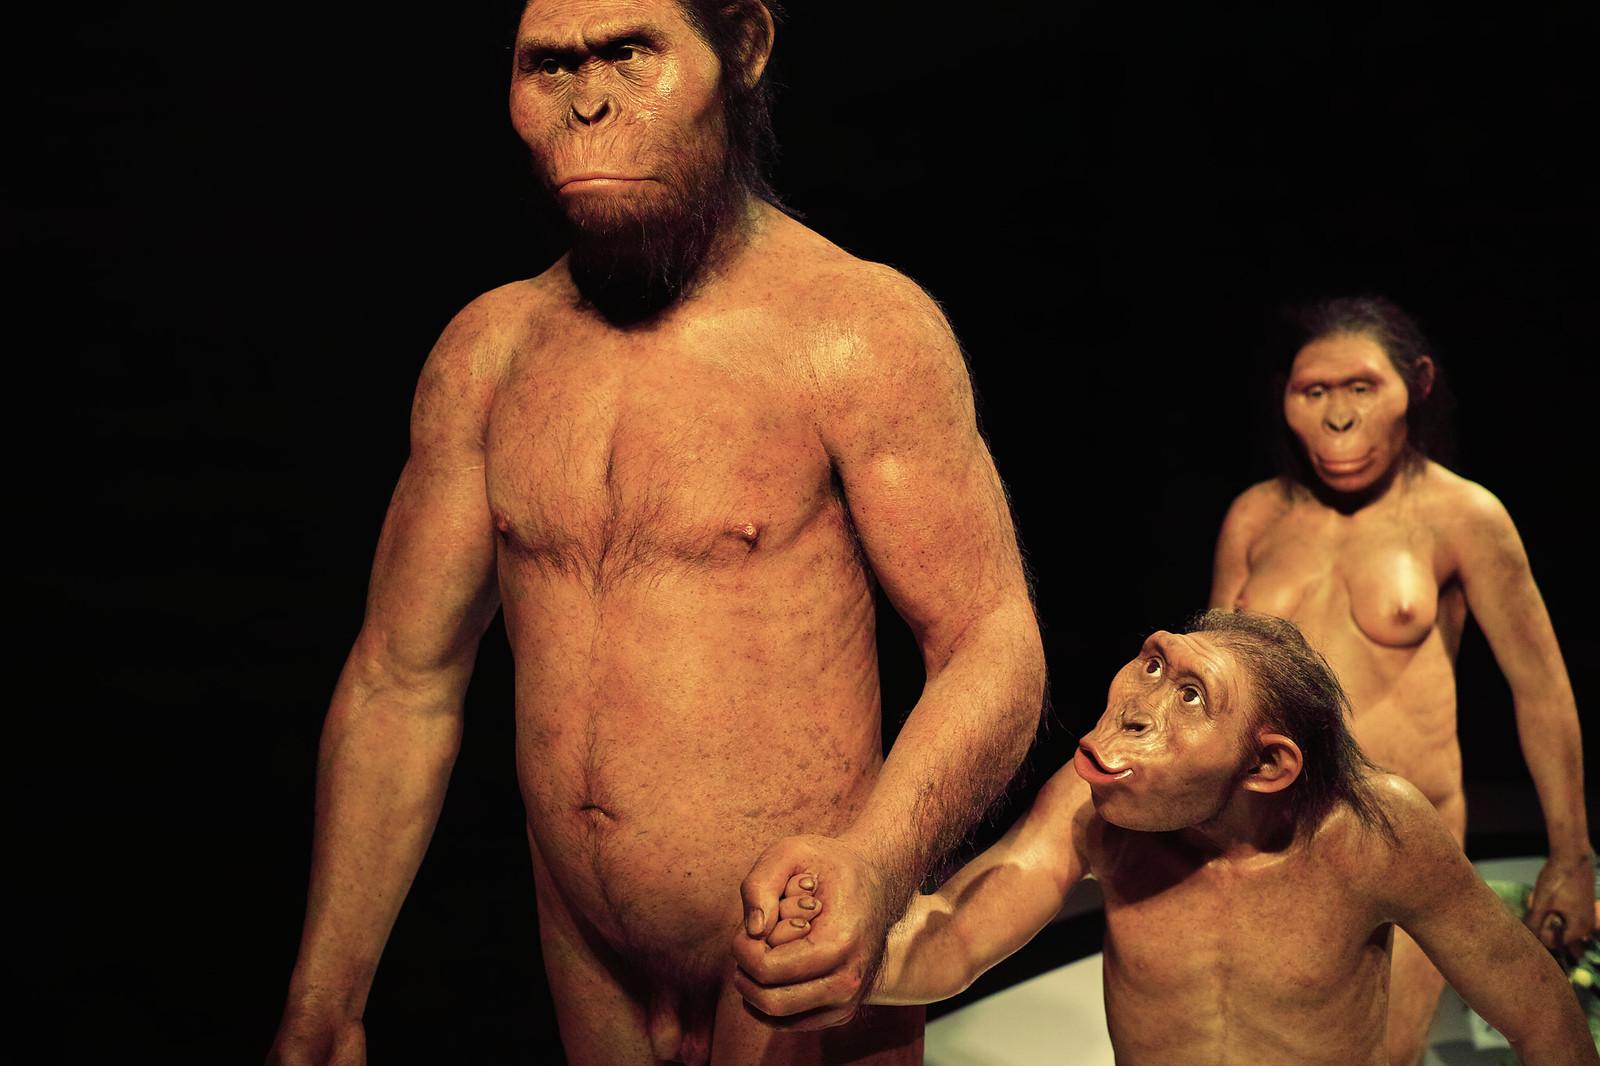 Australopithecus afarensis family